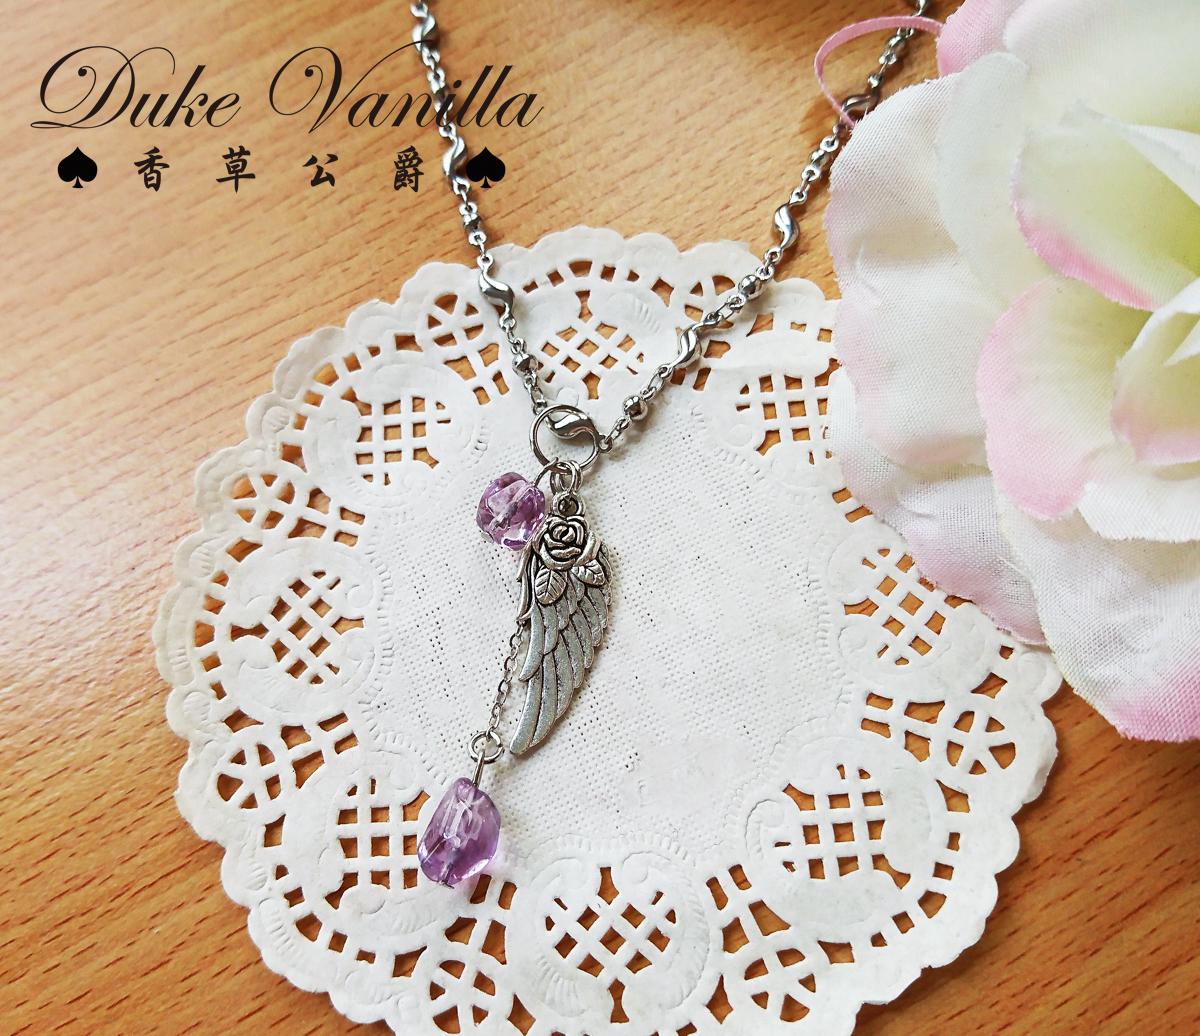 墮天使之淚*紫水晶 古銀折翼吊飾墜鍊 - Duke Vanilla 香草公爵